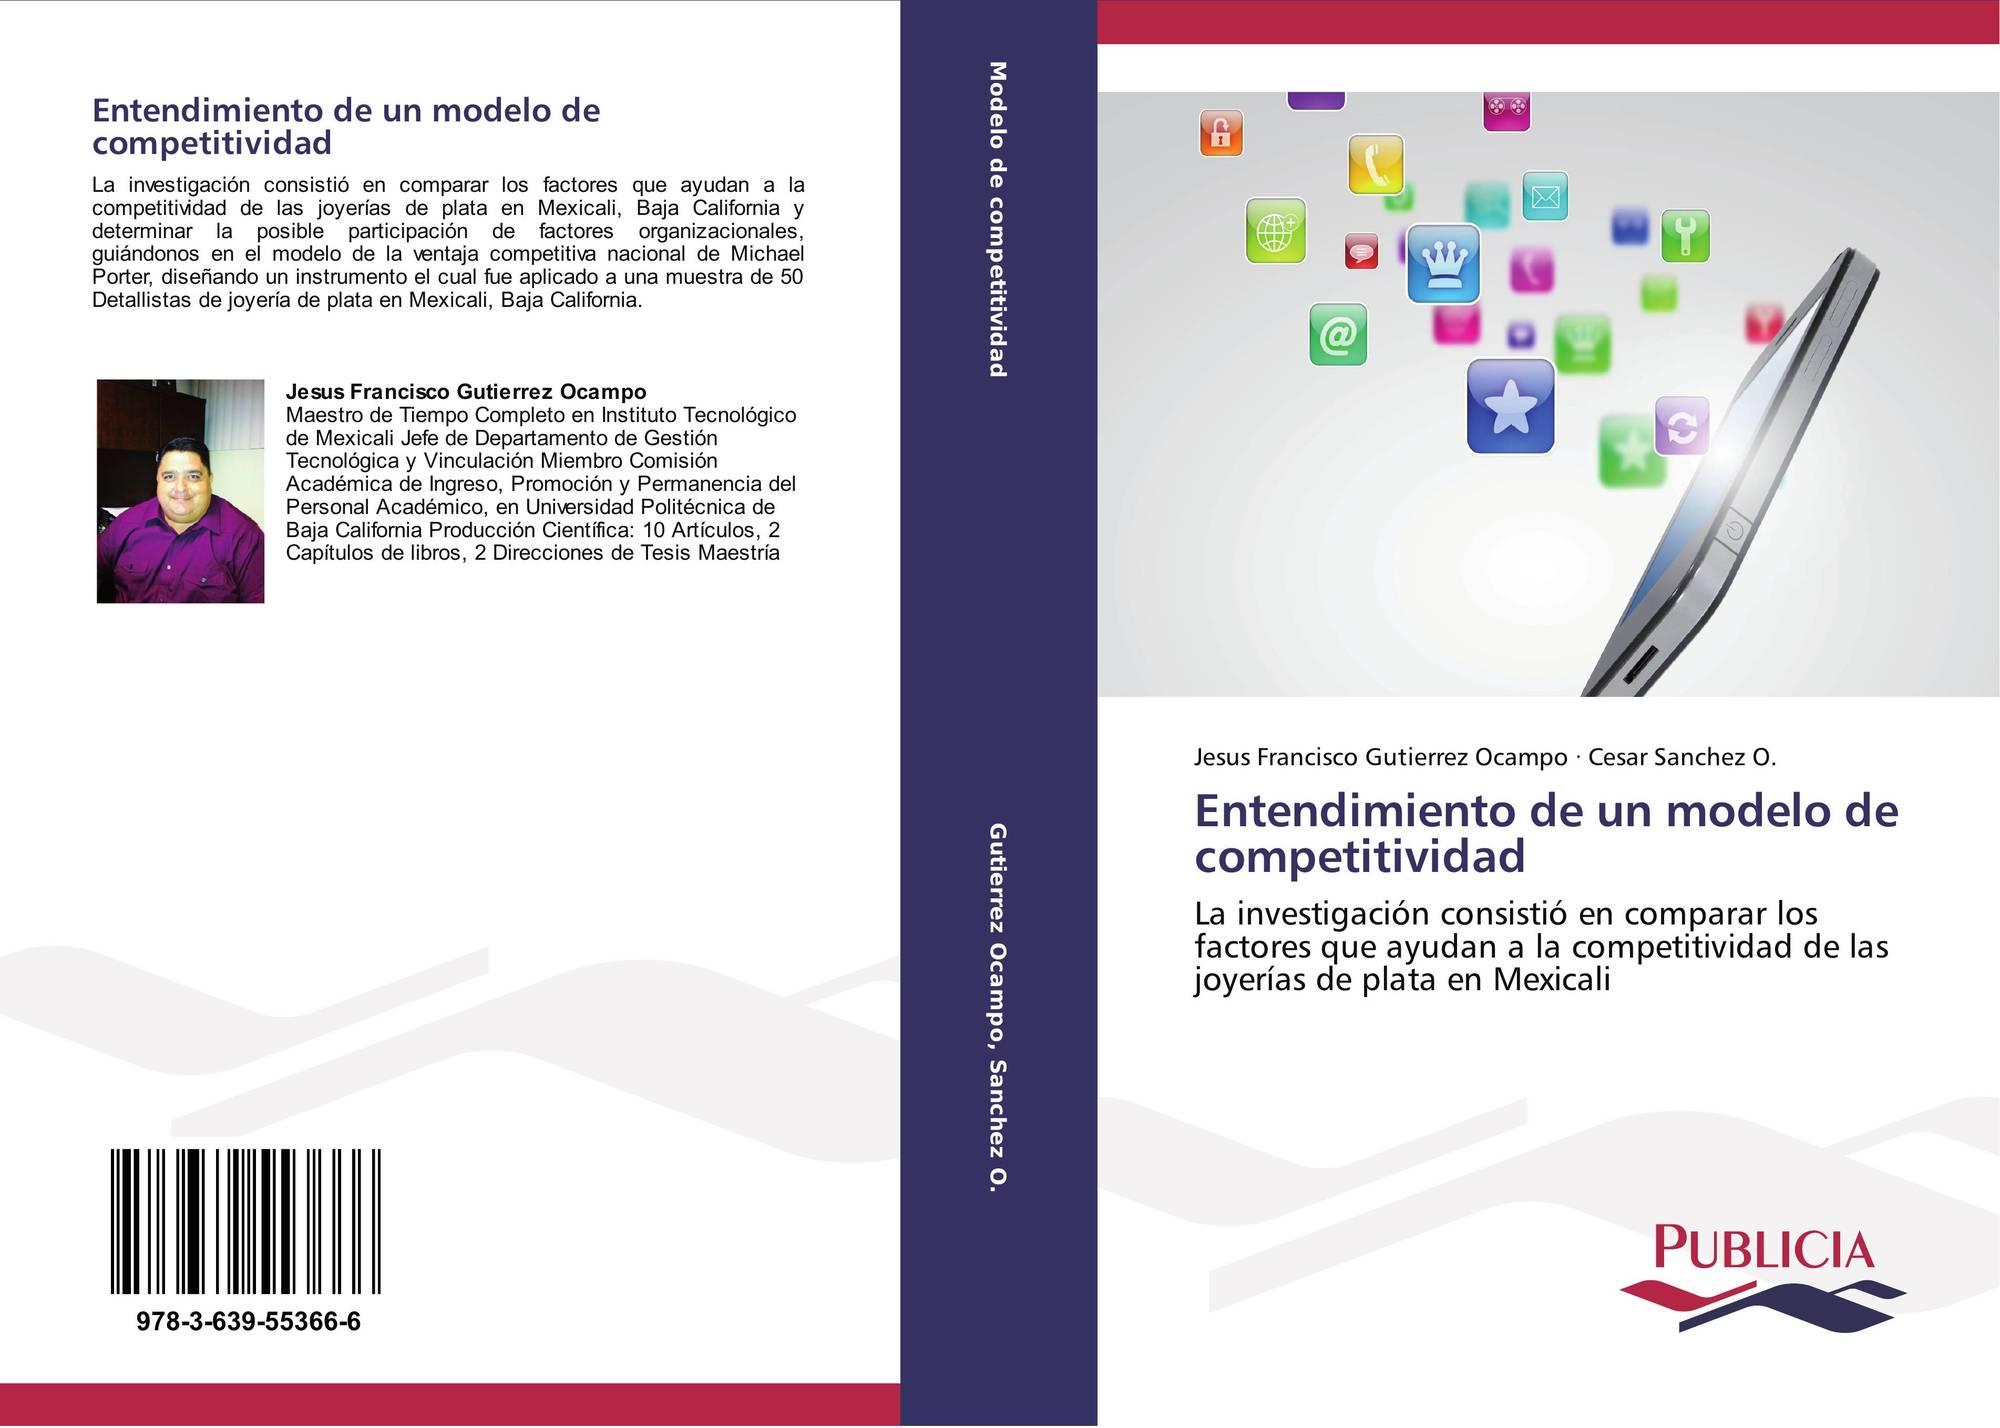 35dc3c36540f Entendimiento de un modelo de competitividad